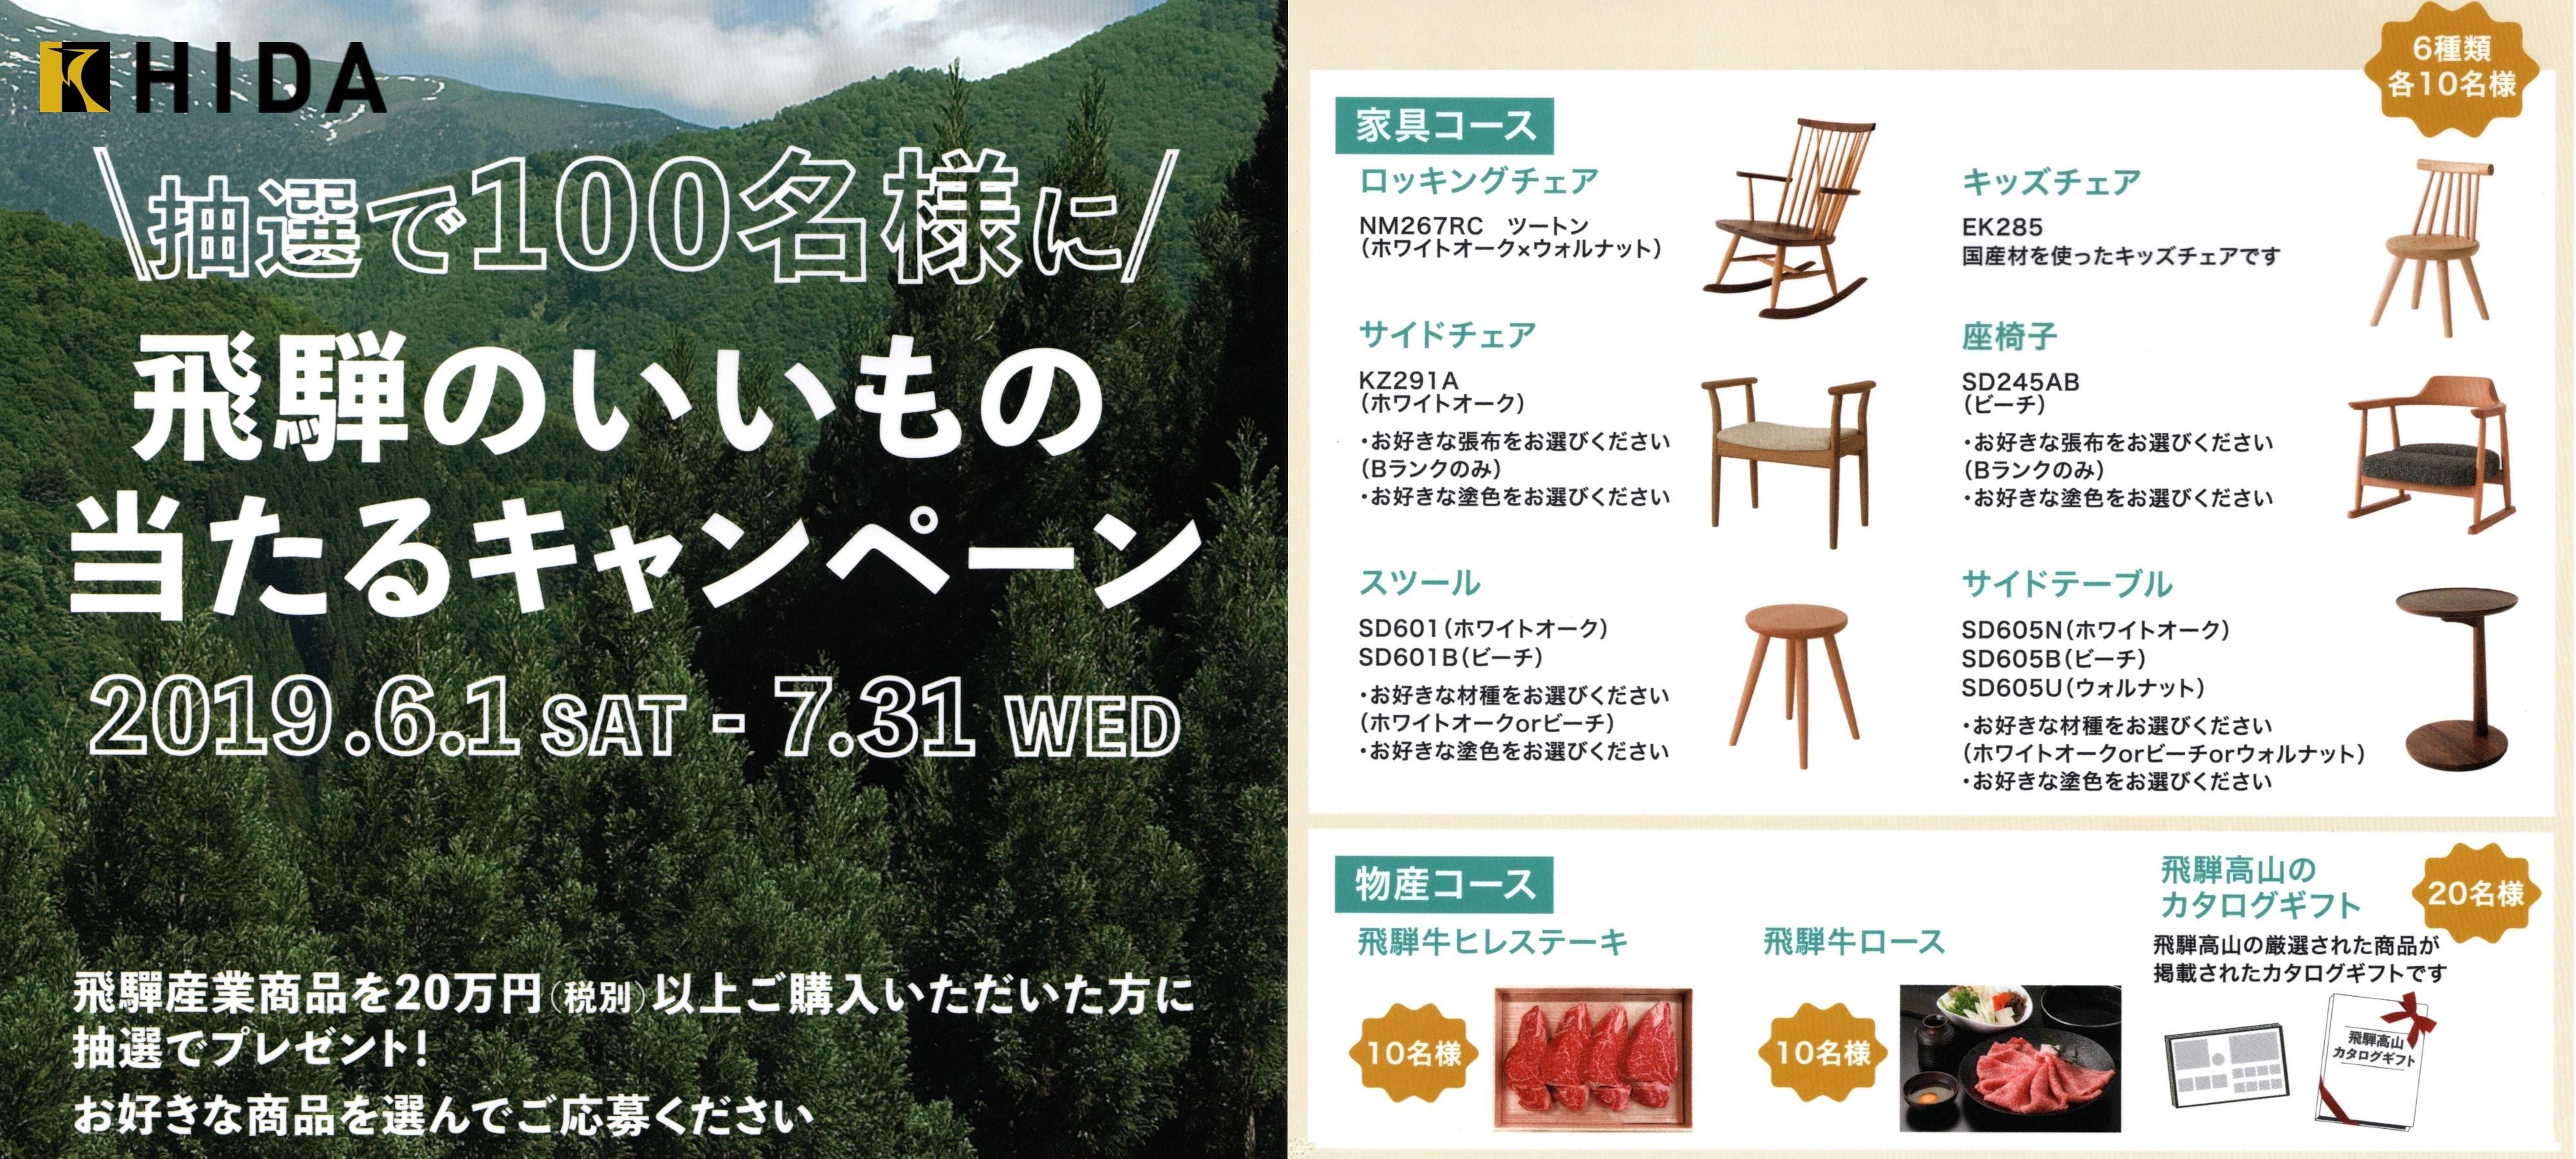 飛騨産業 飛騨の家具 飛騨のいいものキャンペーン 木匠舘マイドゥ 大阪